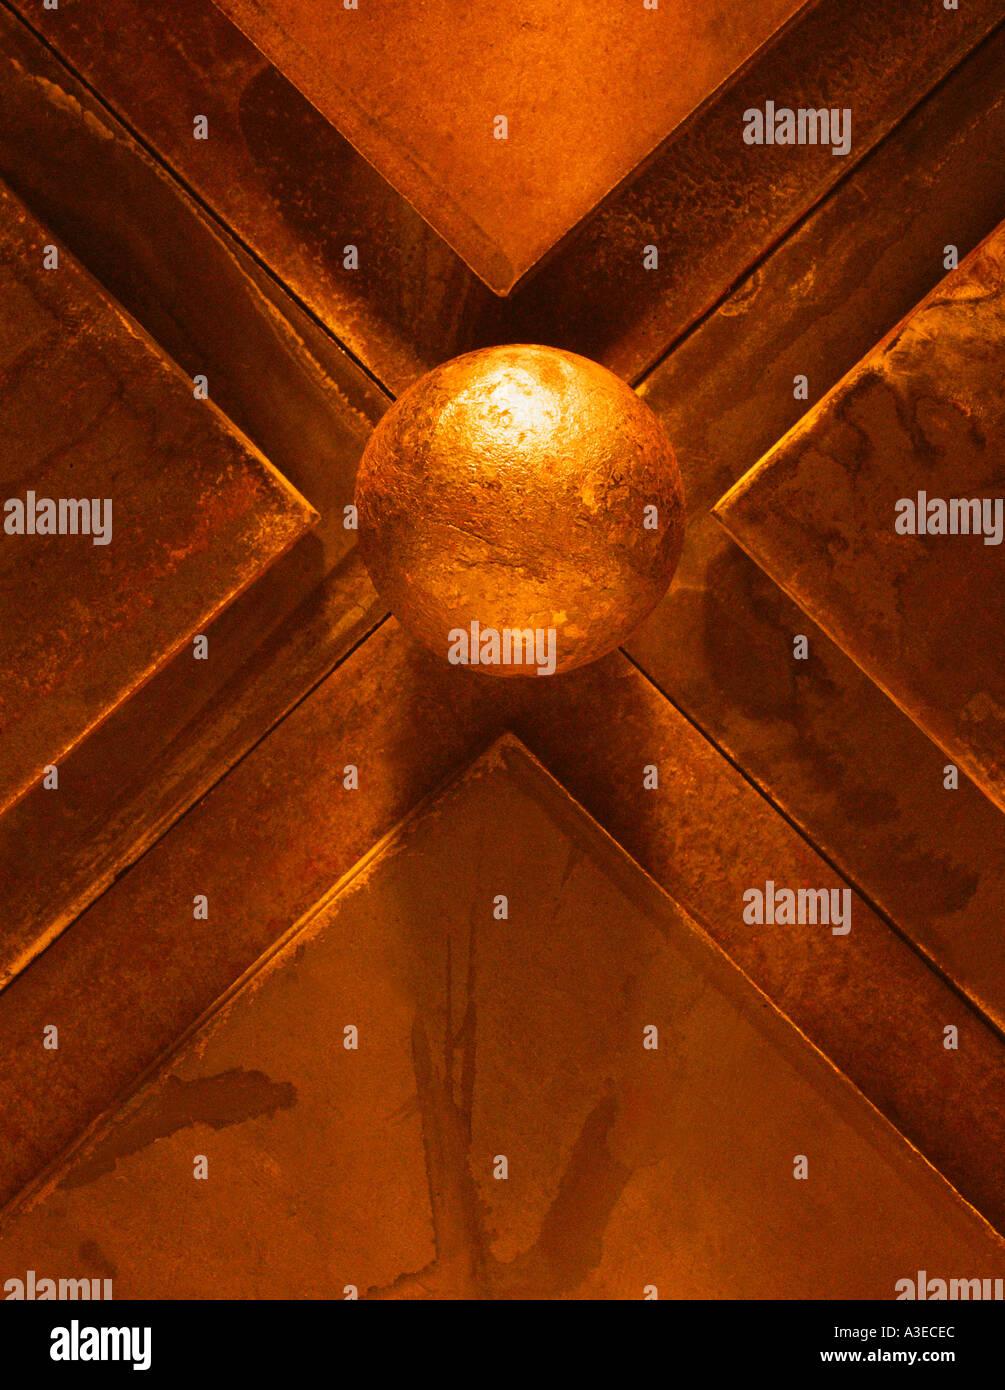 Arbre de lumière frappant encore géométrique abstraite sphère de vie et de triangles Photo Stock